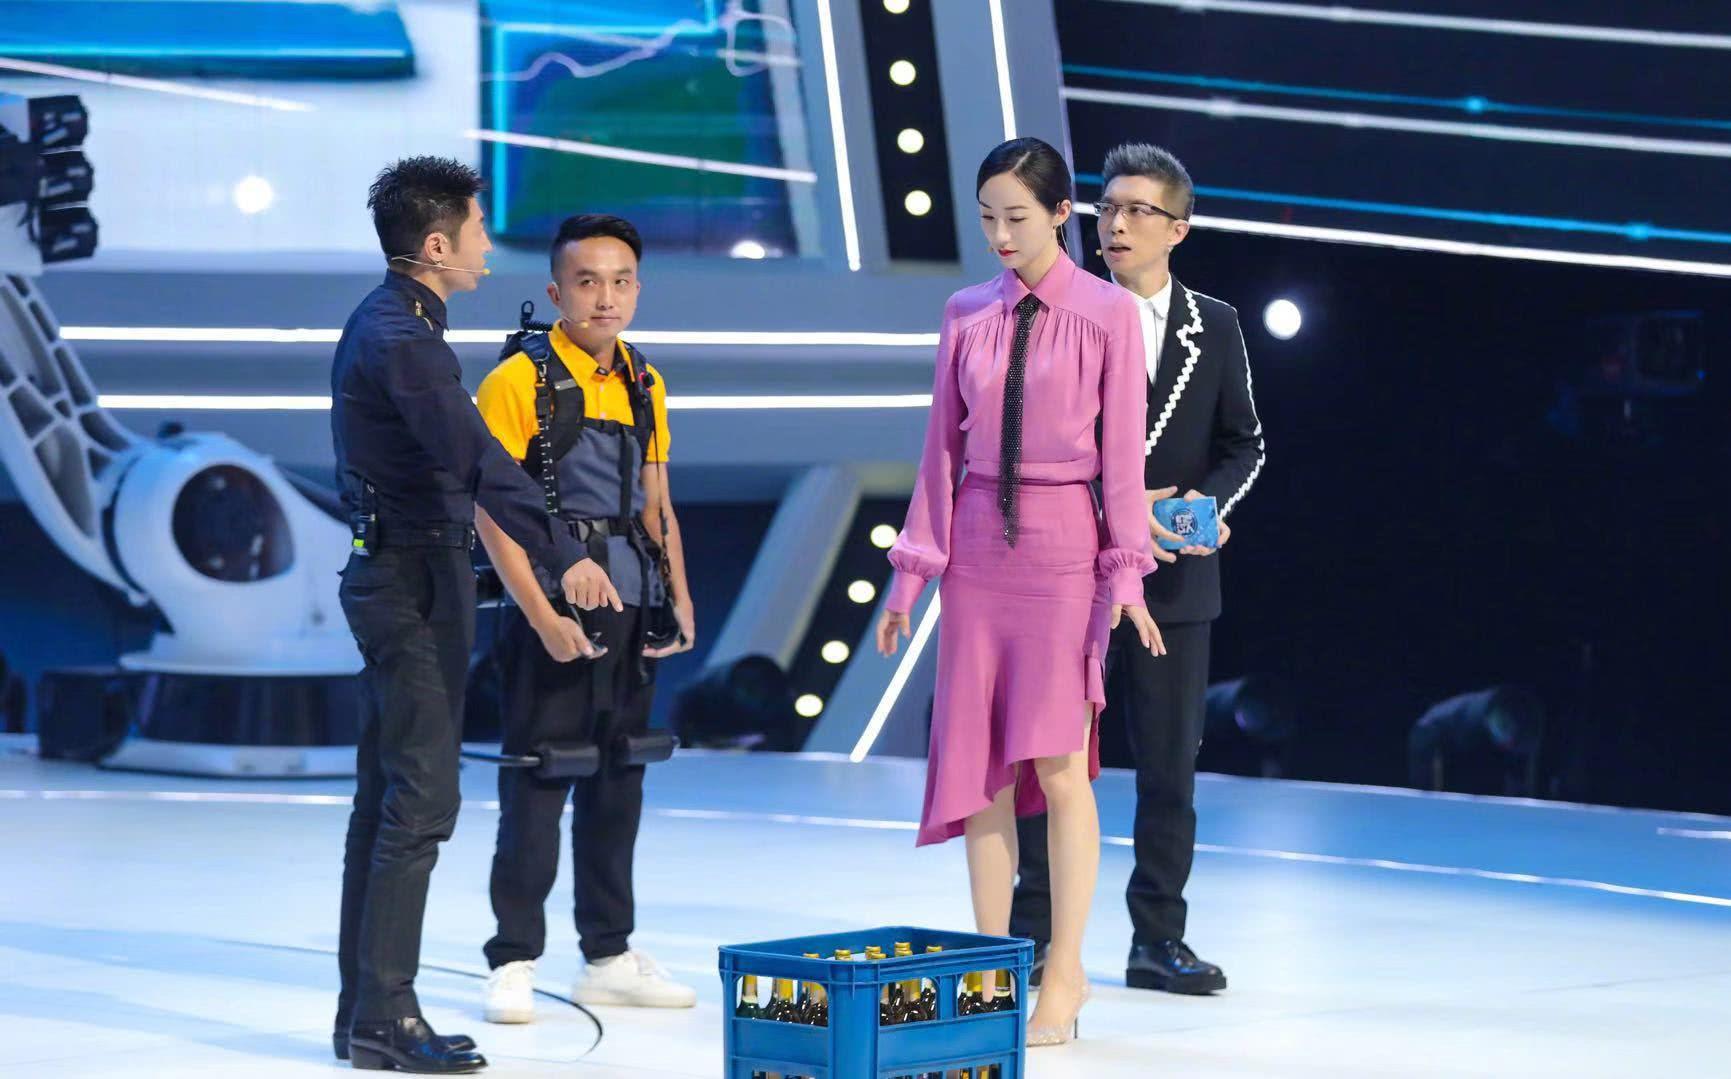 CCTV-1《机智过人》聚焦科技生活 韩雪亲自上台参加挑战